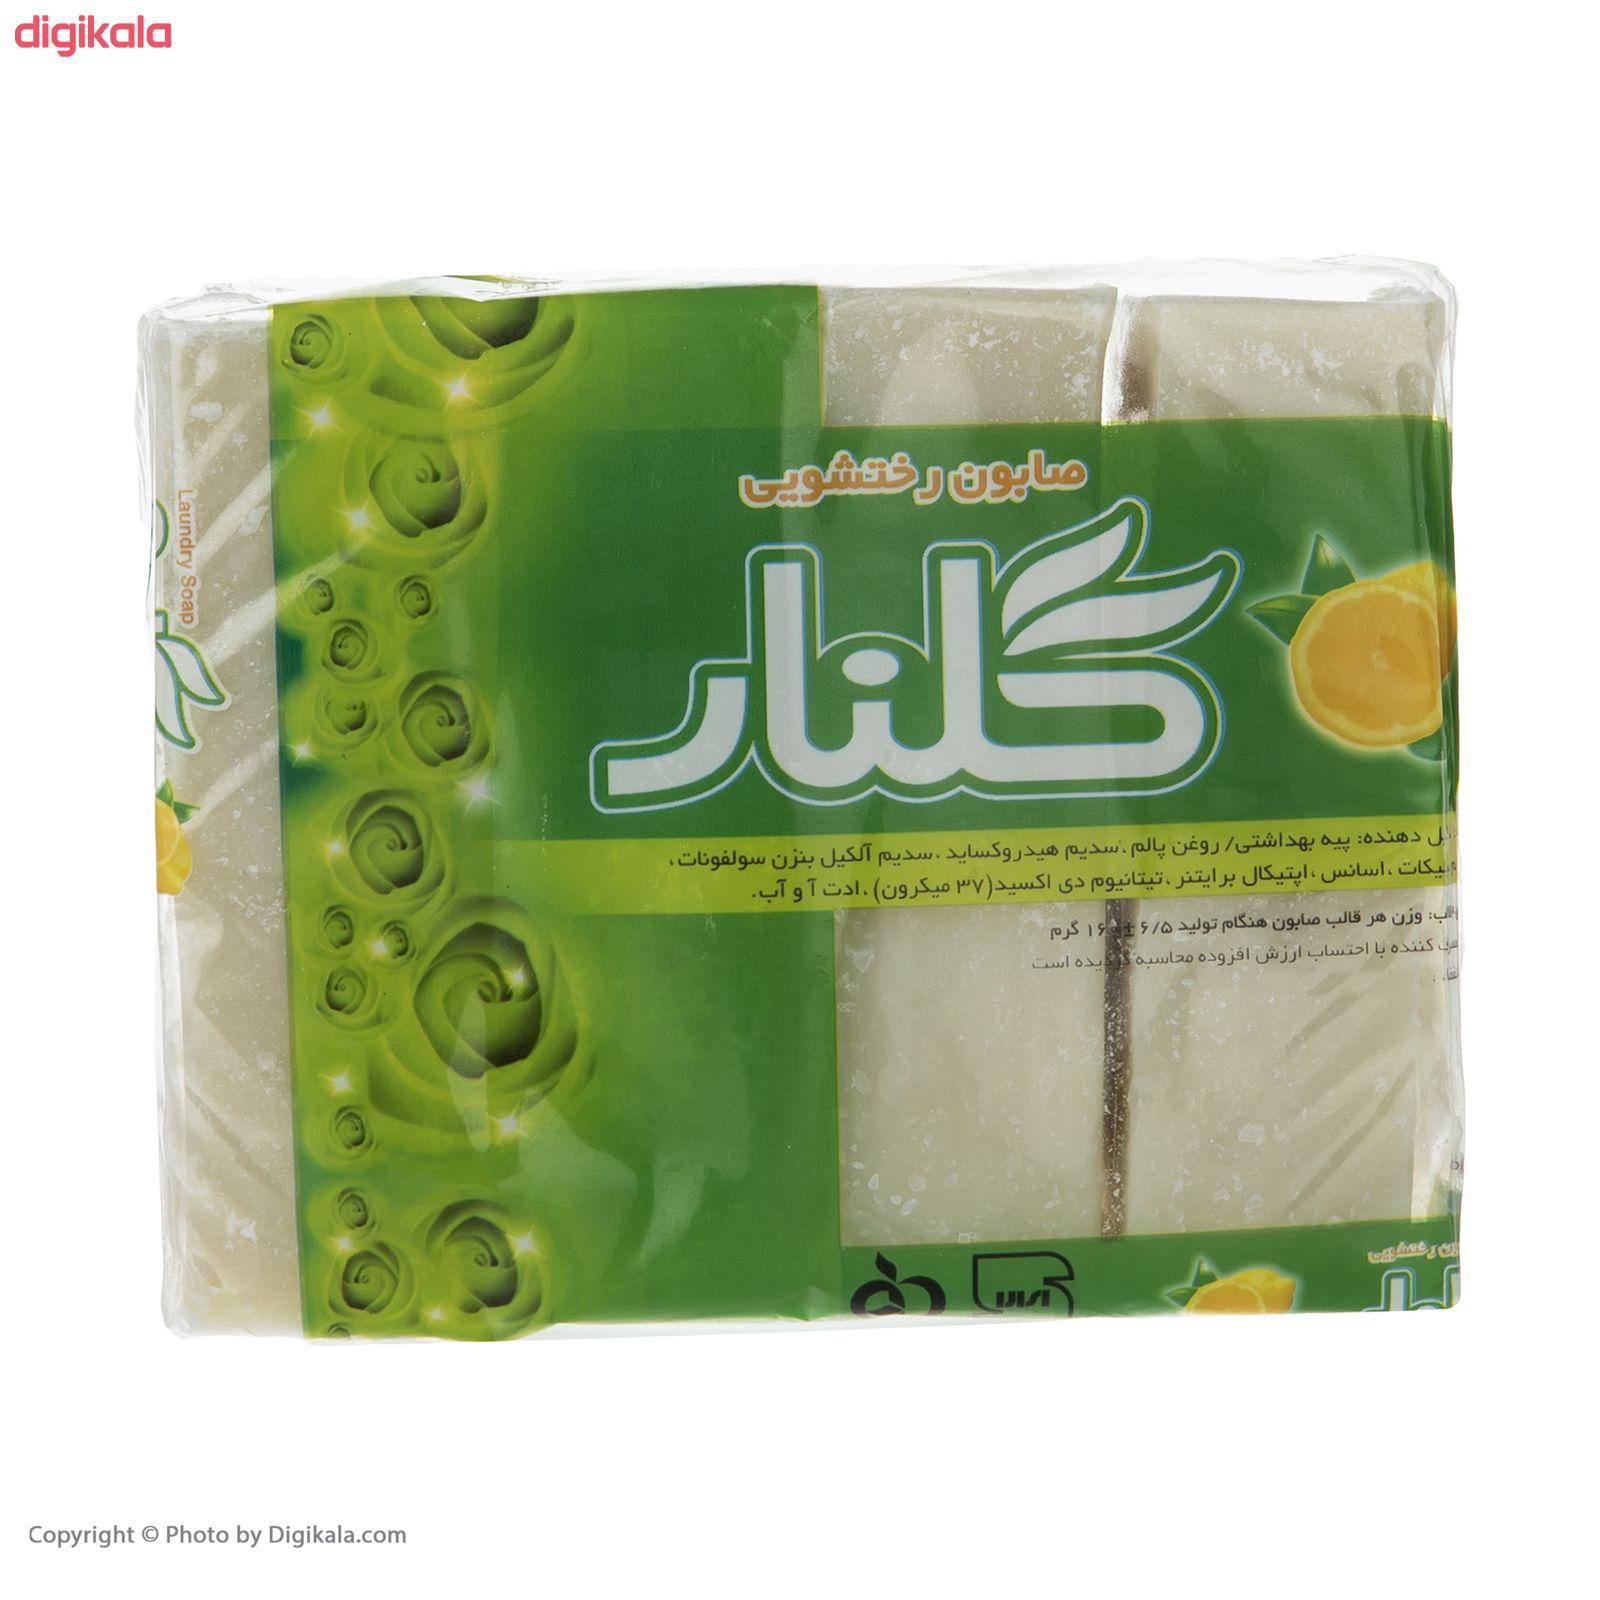 صابون لباسشویی گلنار مقدار 160 گرم بسته 4 عددی main 1 3